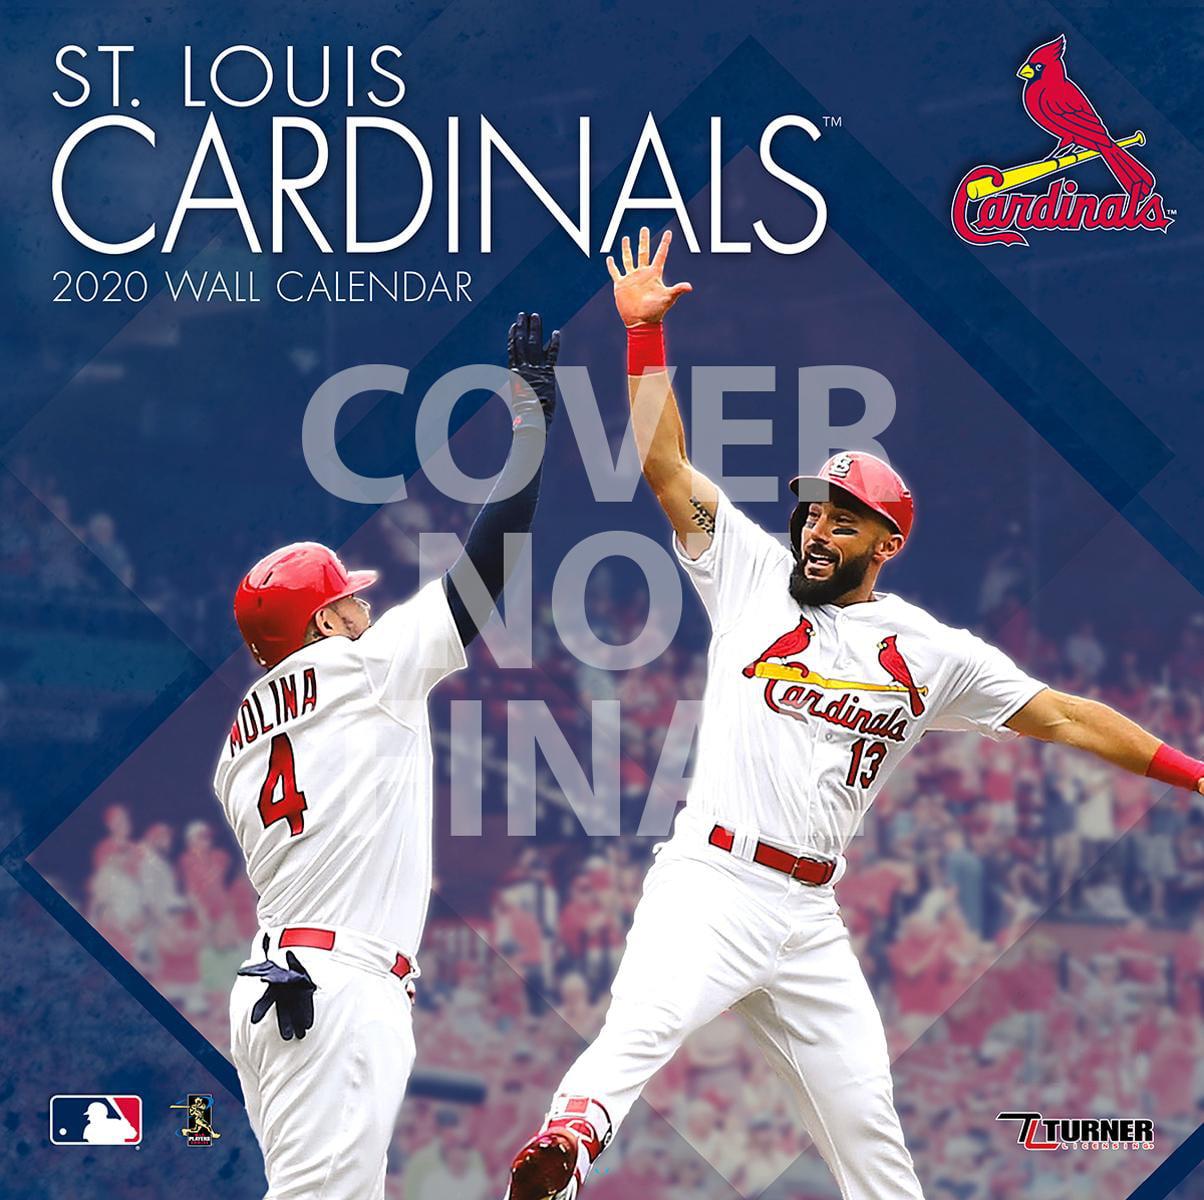 St Louis Cardinals 2020 Calendar St Louis Cardinals: 2020 12x12 Team Wall Calendar (Other